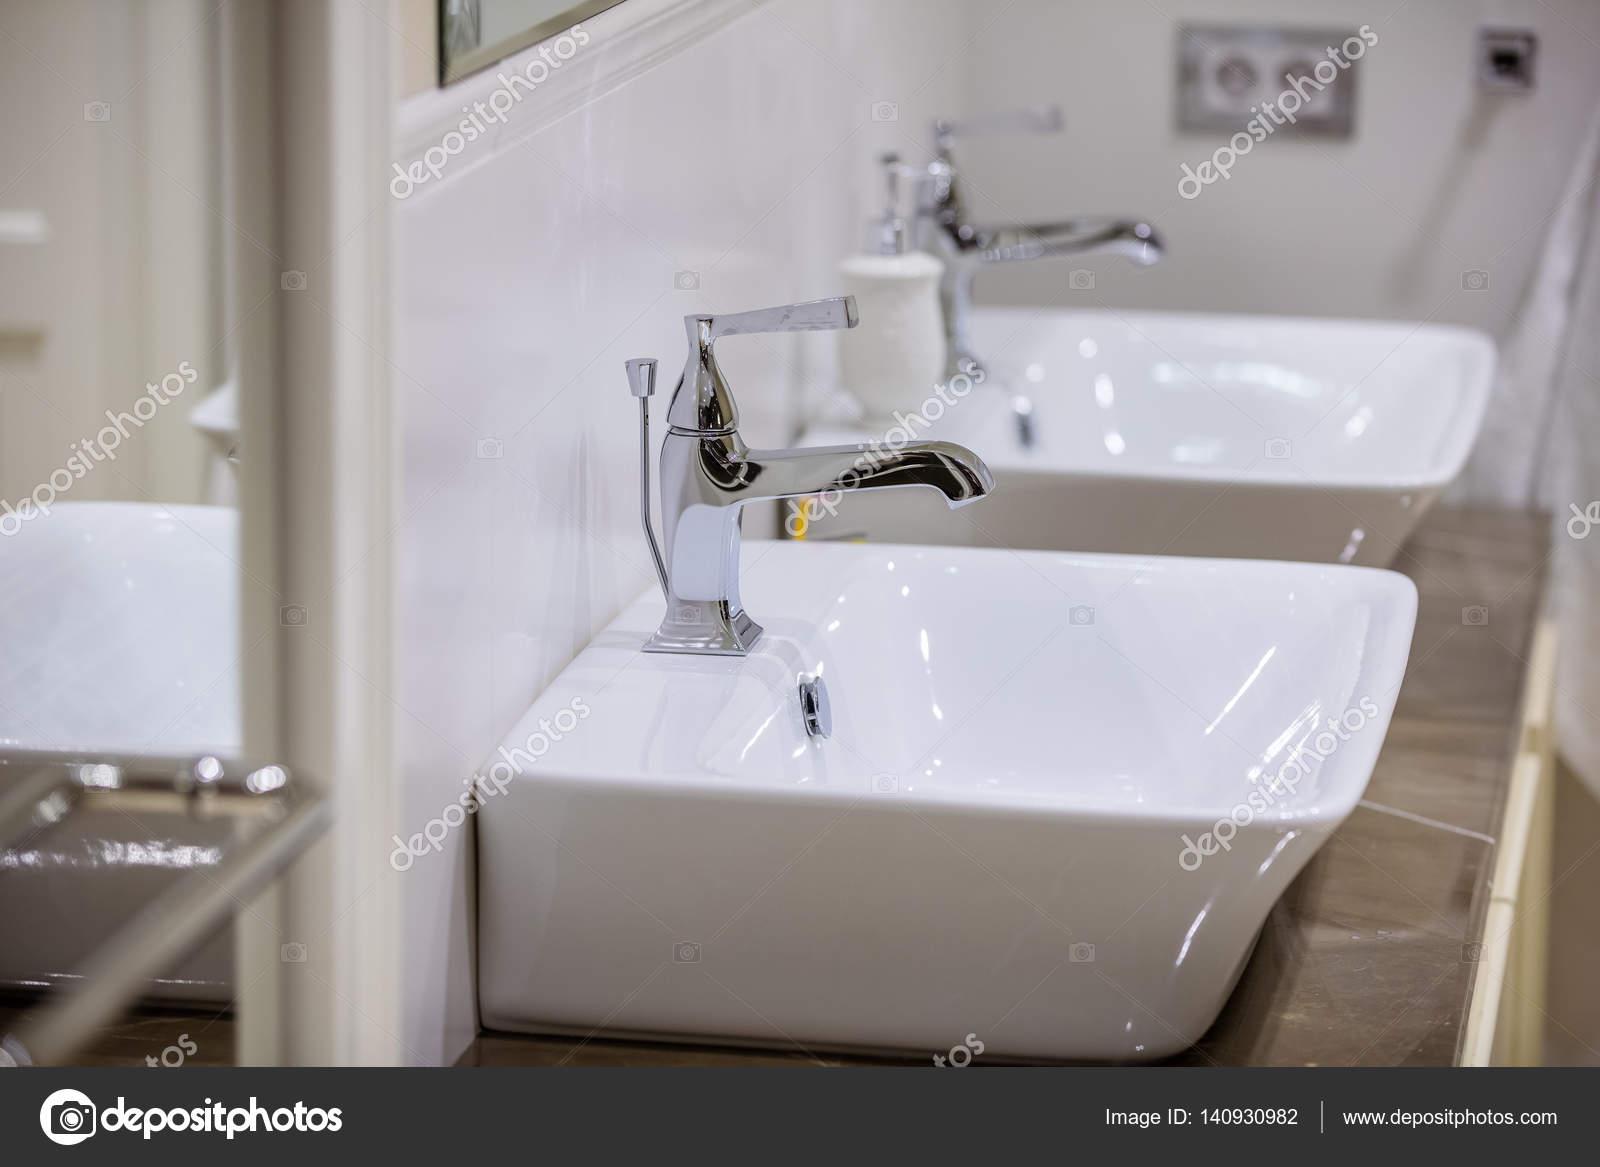 Salle De Bain Et Eau ~ l eau coule dans la salle de bain photographie photobac 140930982